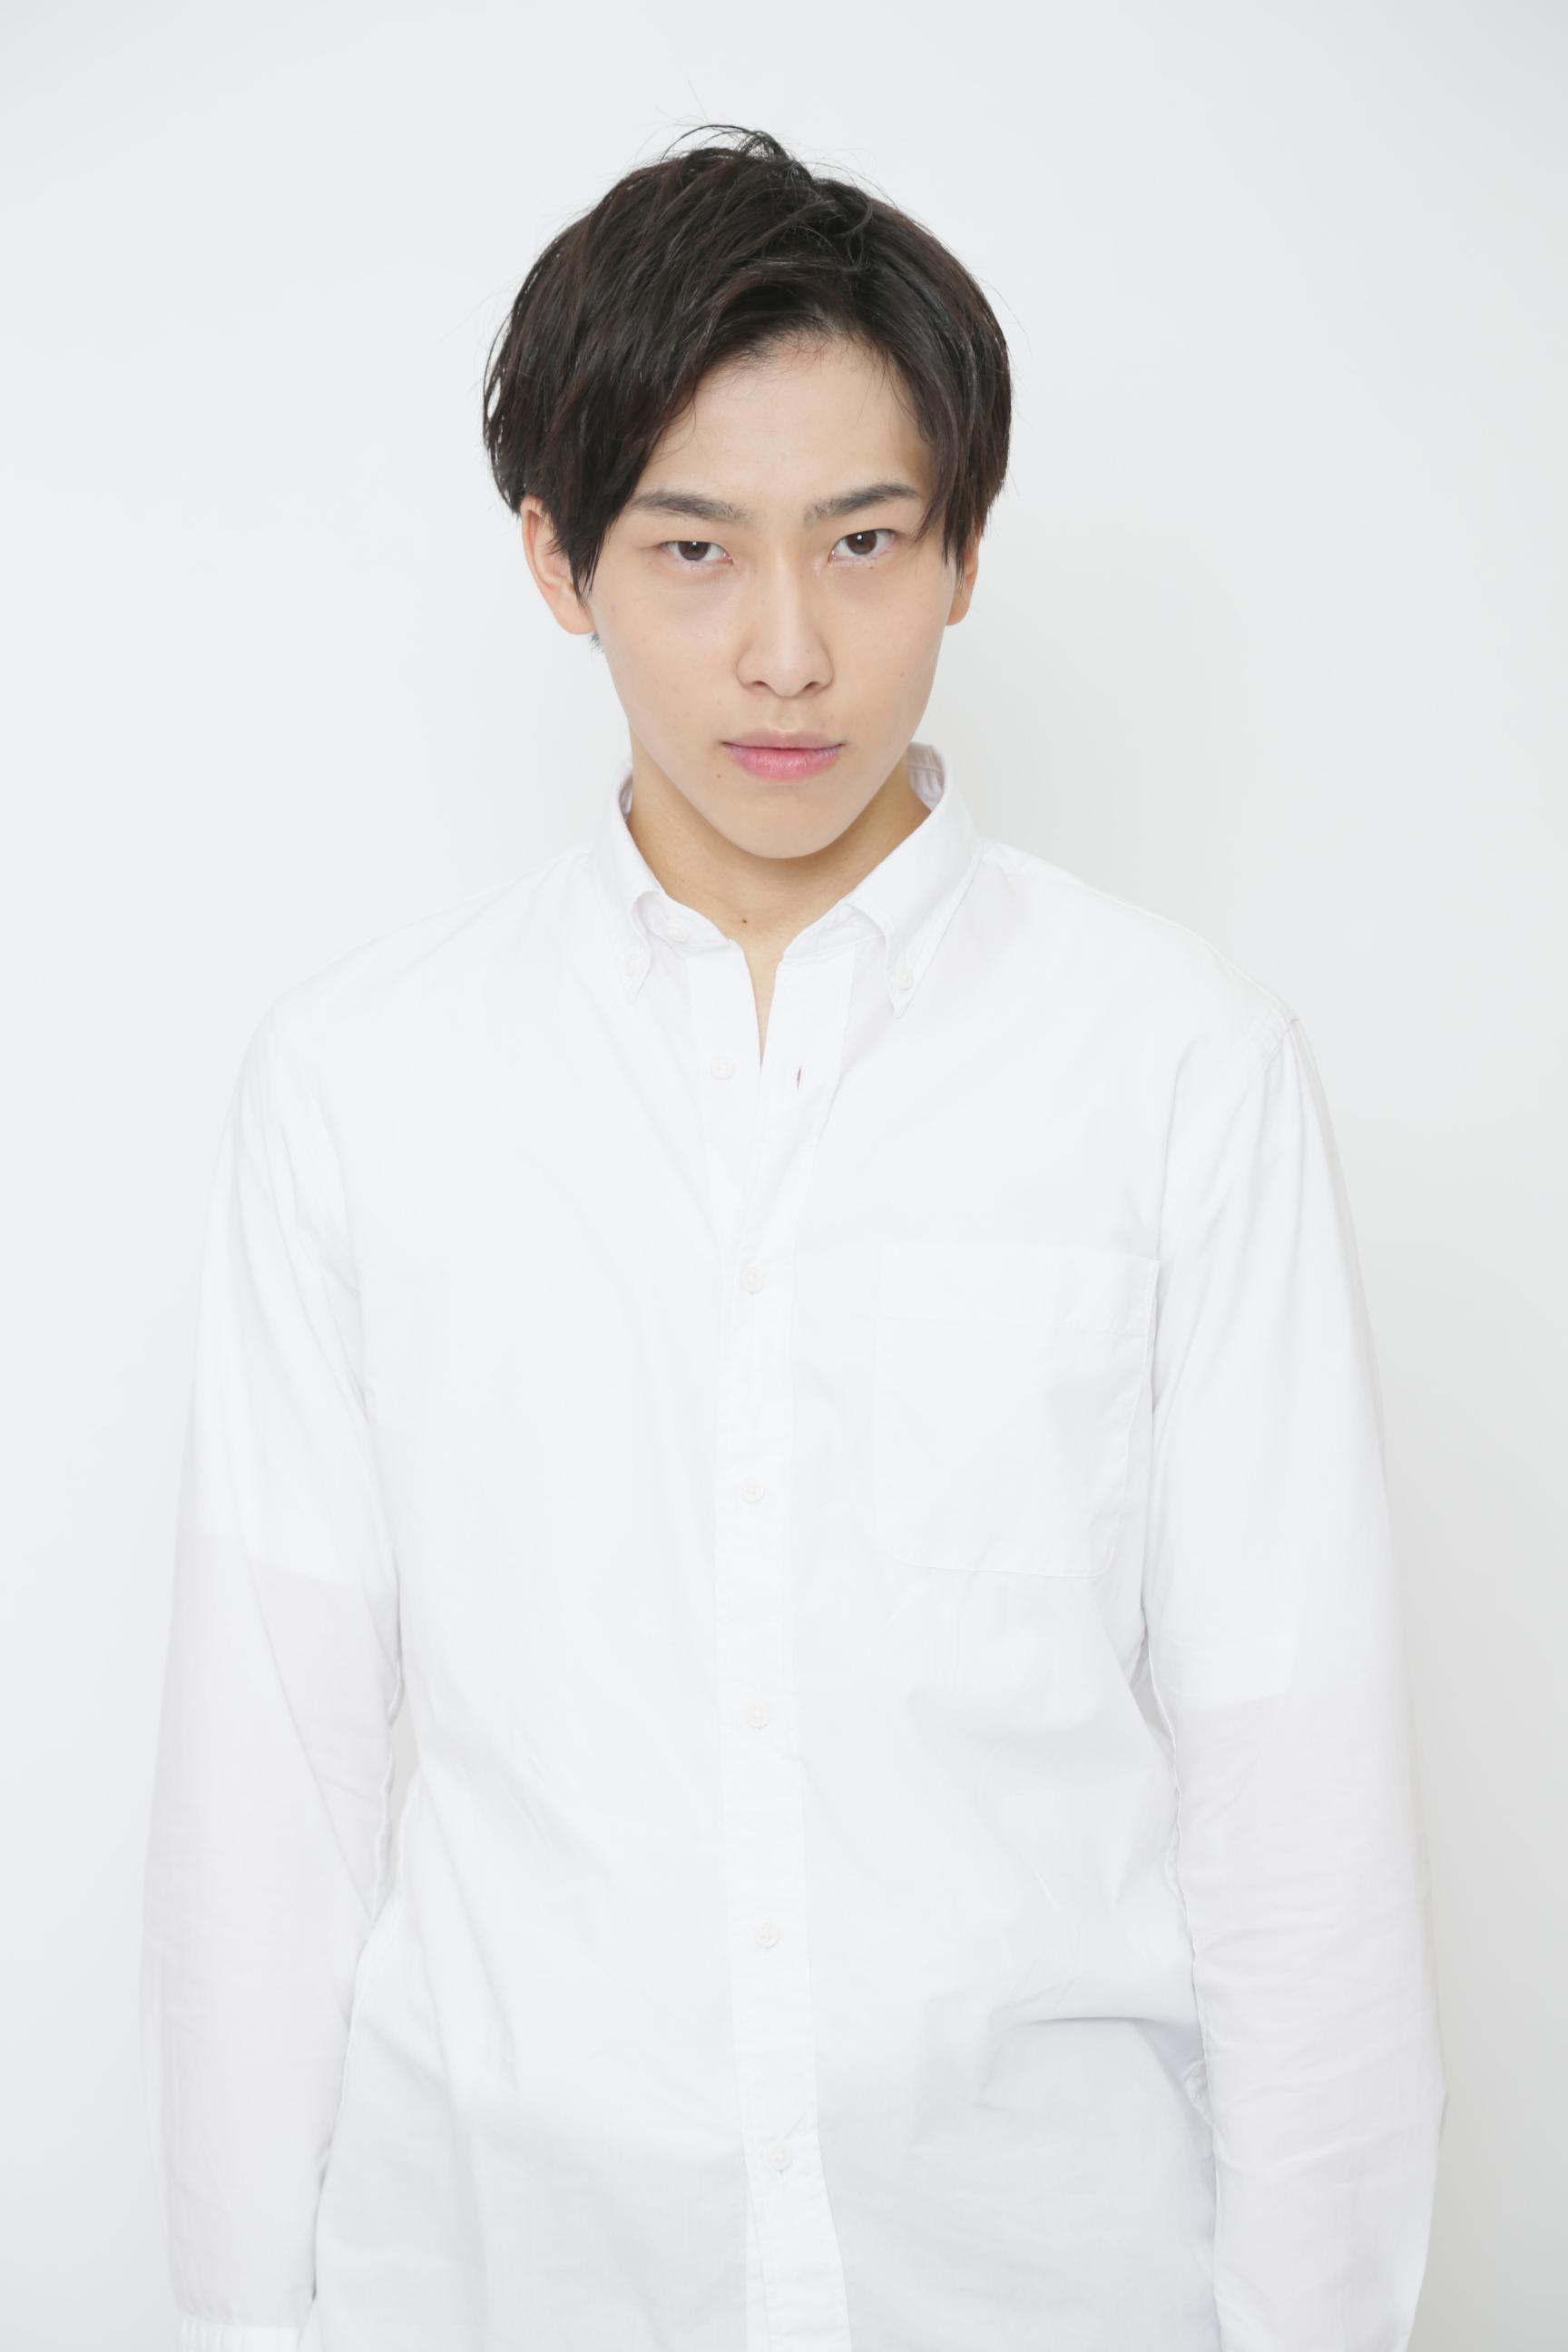 山本篤士   Yamamoto Atsushi